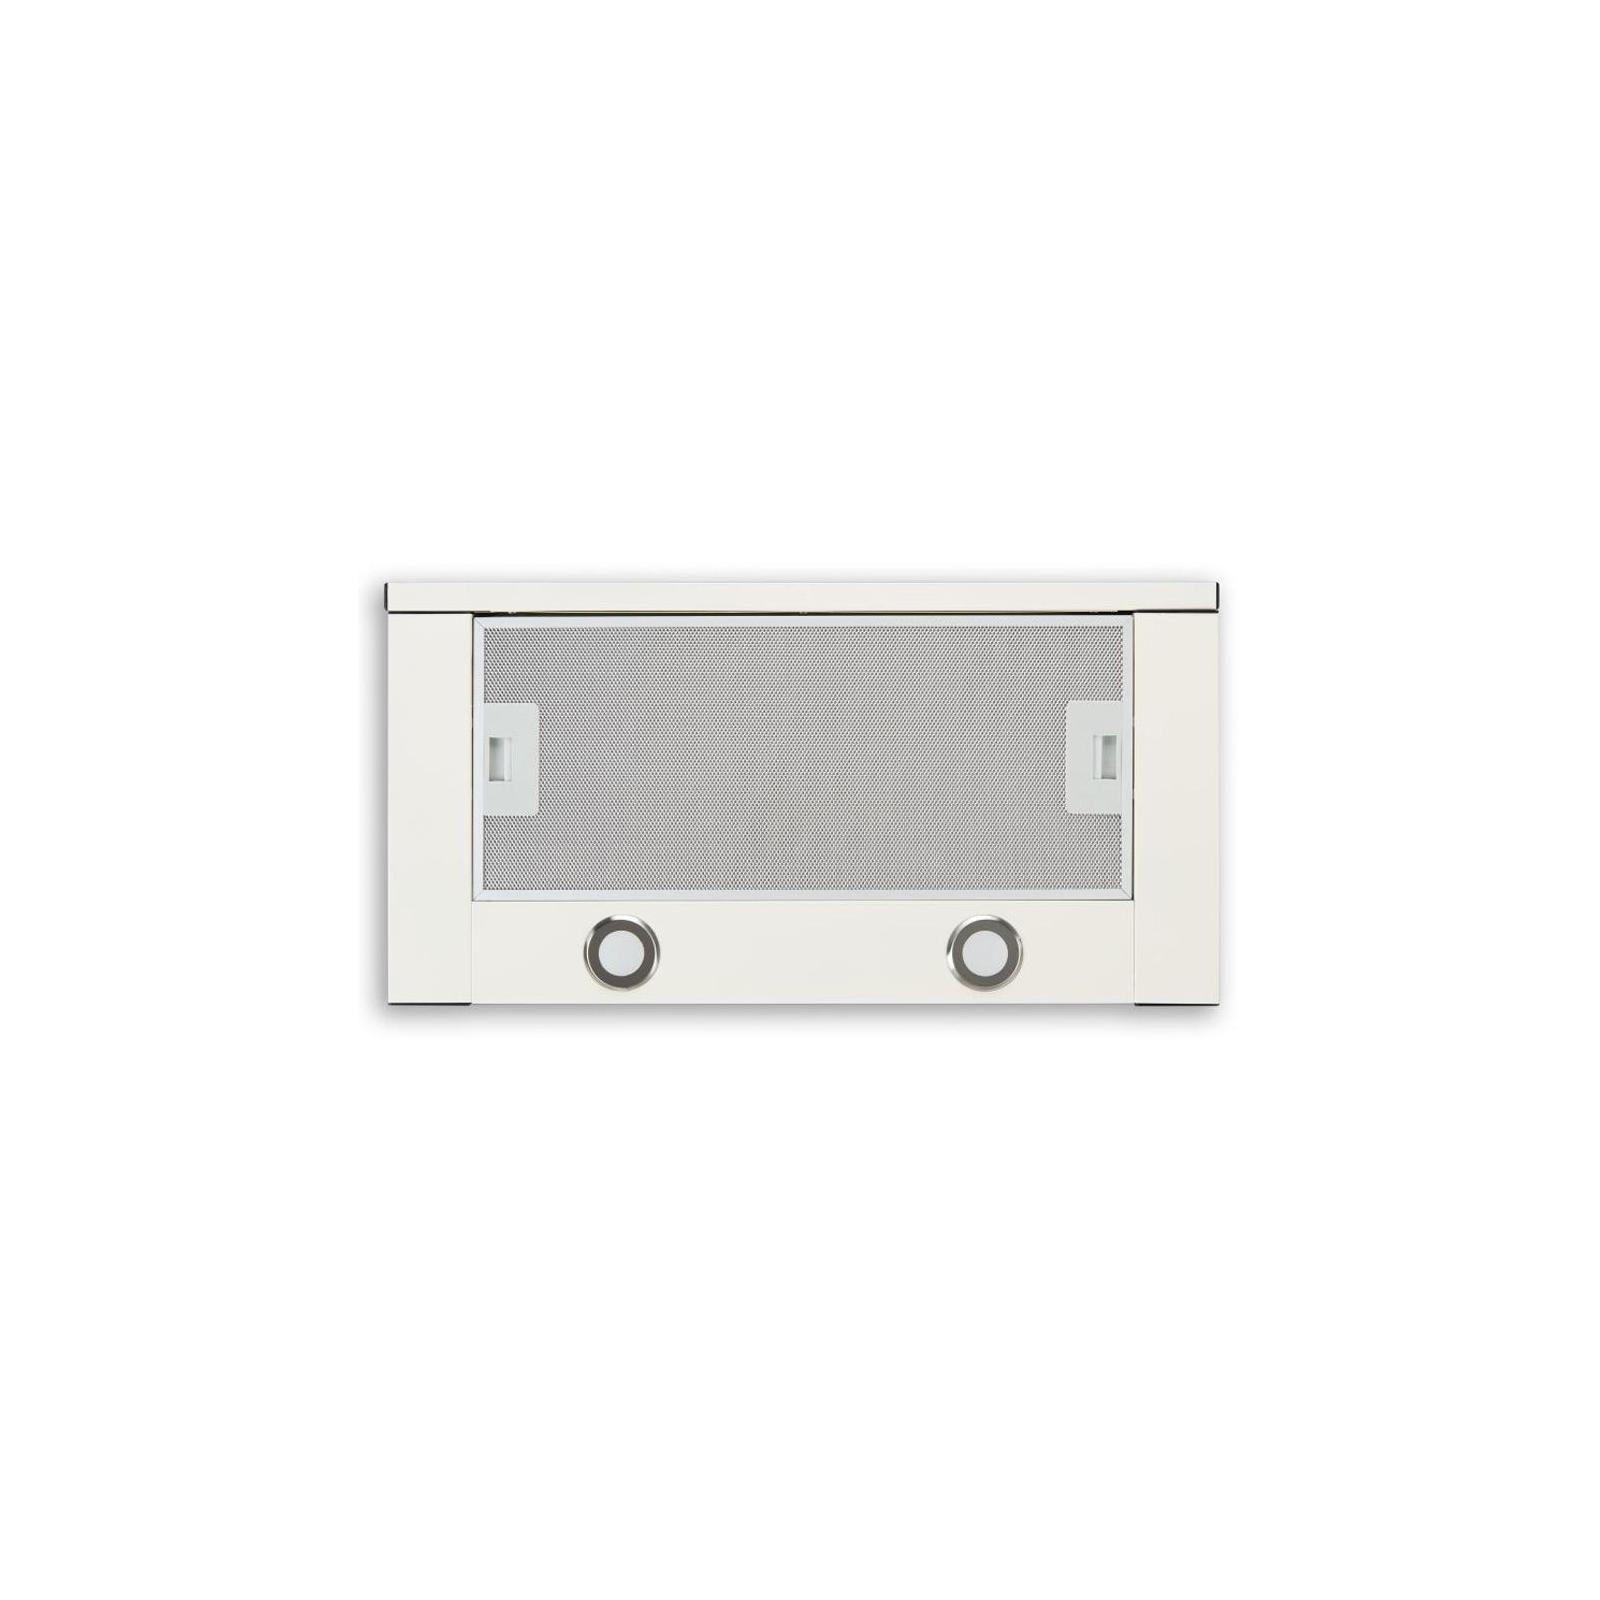 Вытяжка кухонная MINOLA HTL 6112 WH 650 LED изображение 3